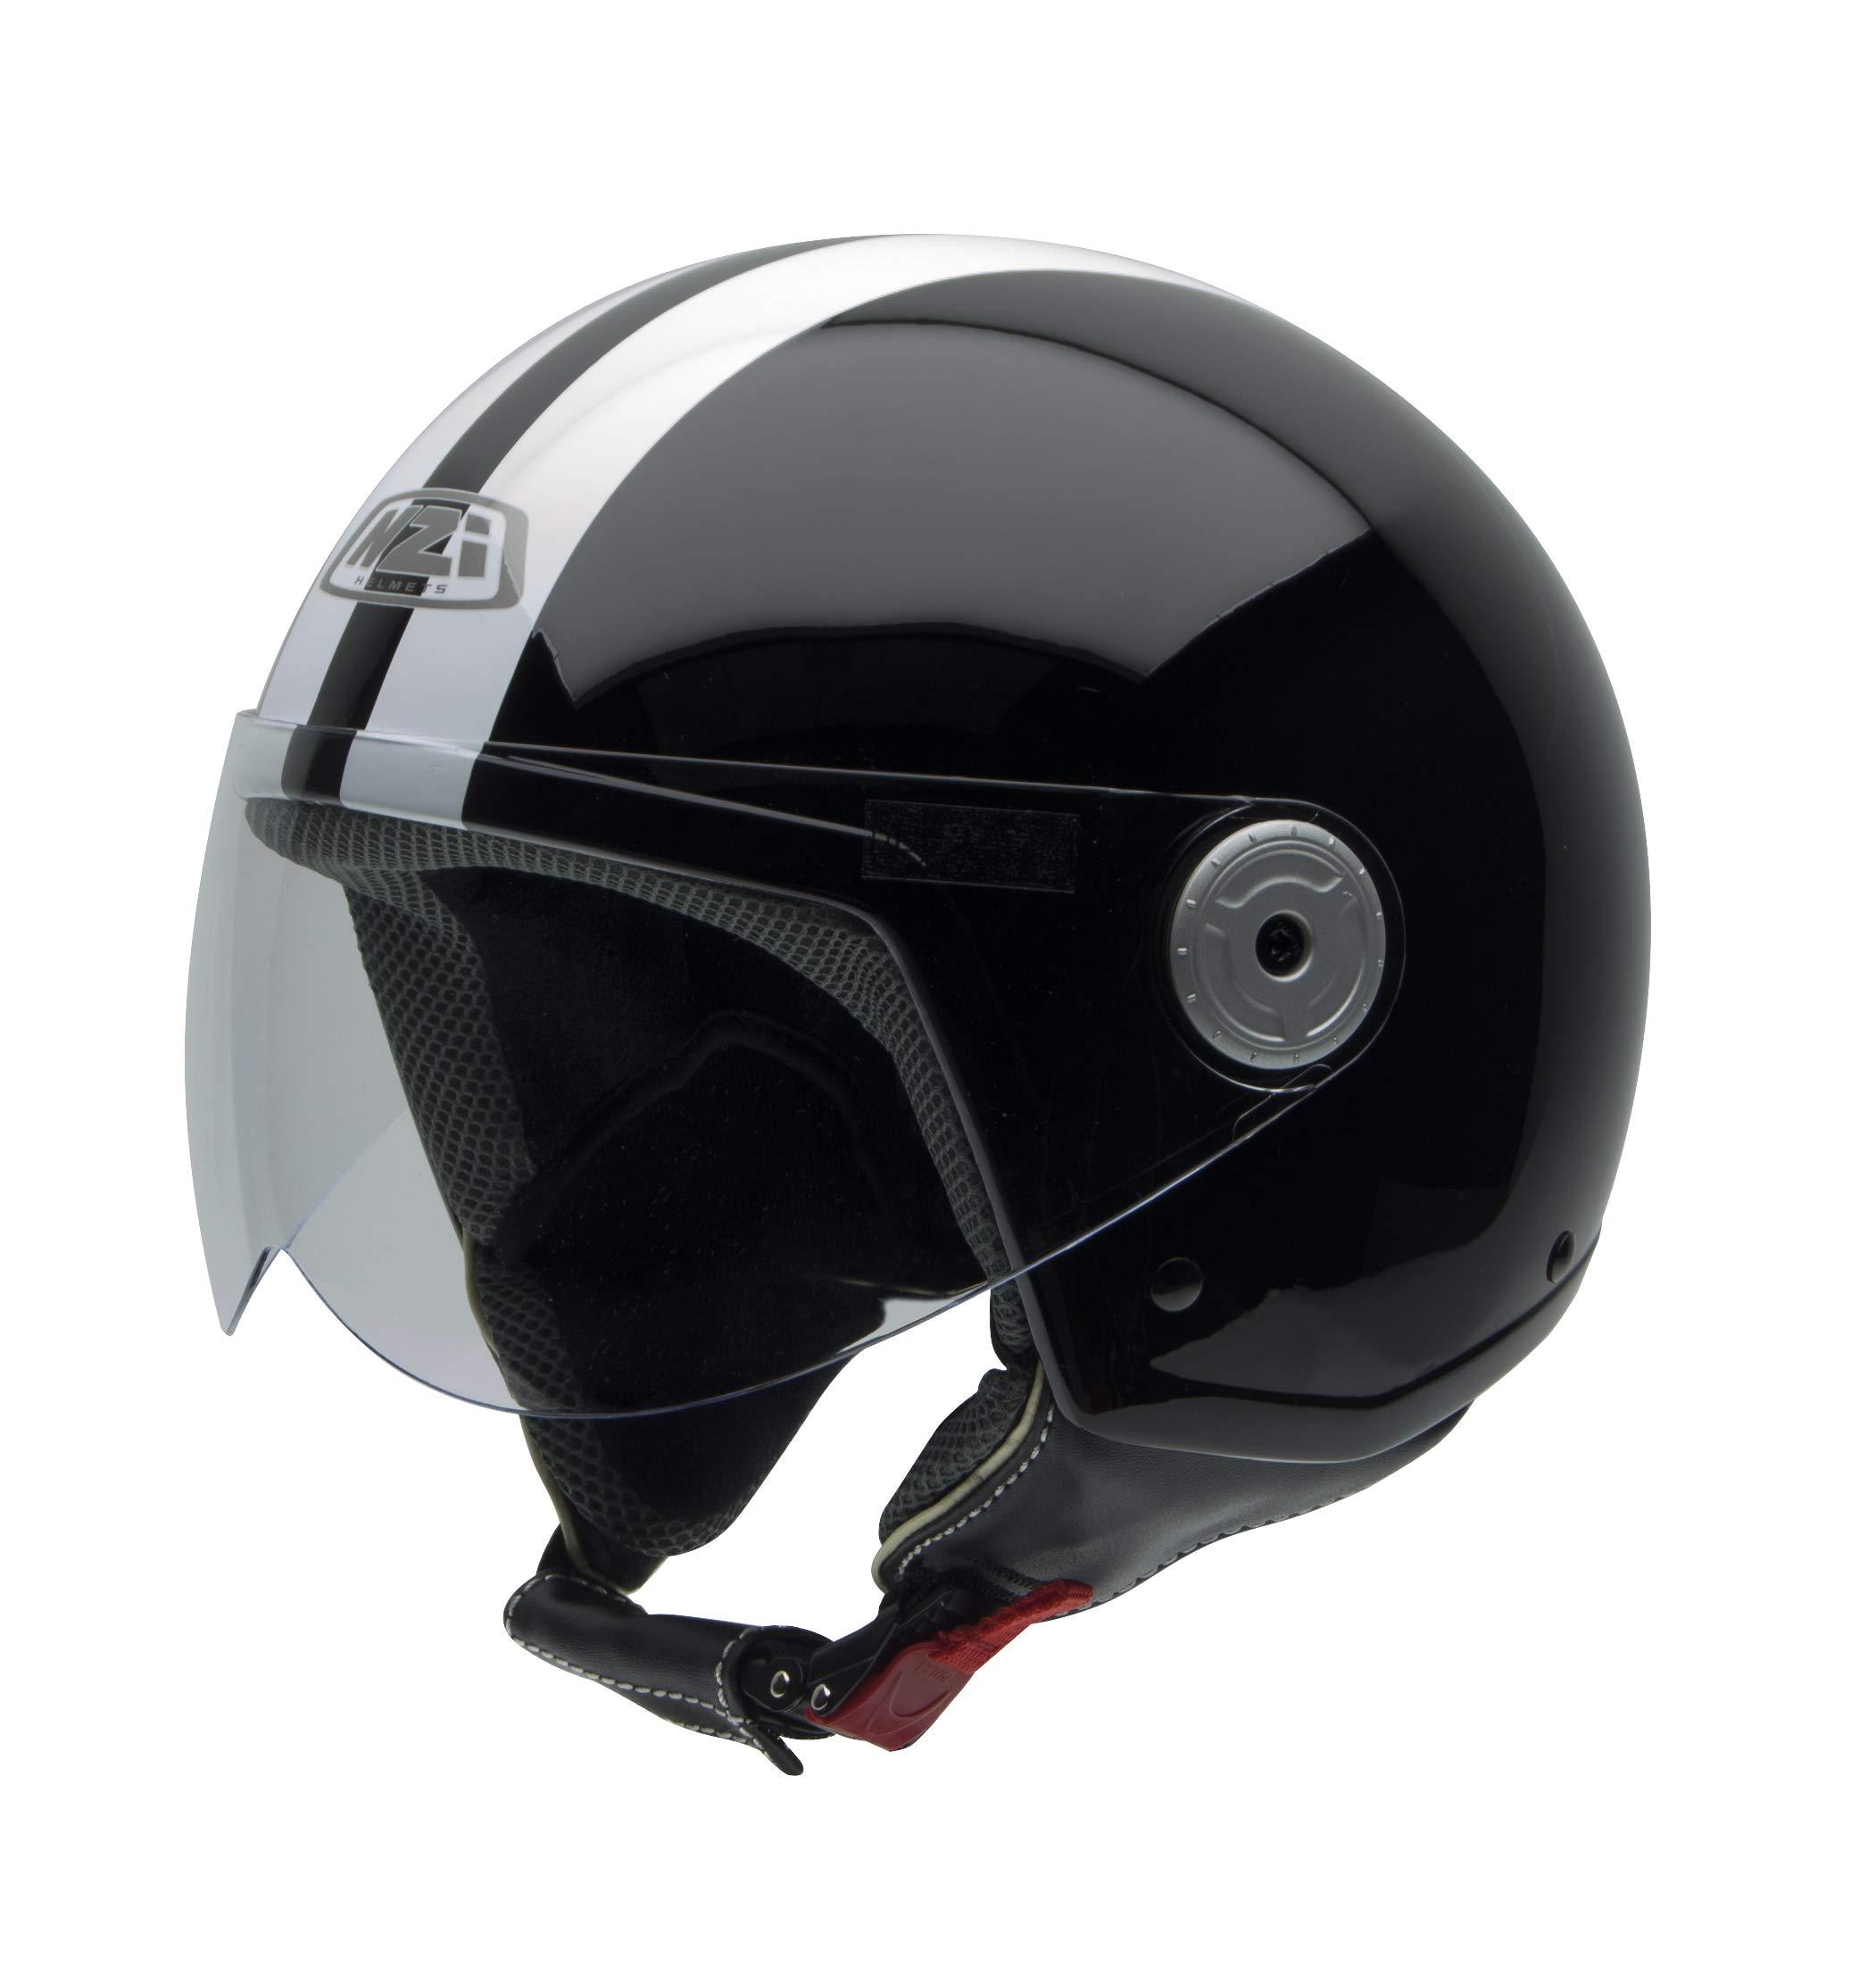 NZI Vintage II Casco de Moto, Negro con Rayas Blancas, 55-56 (